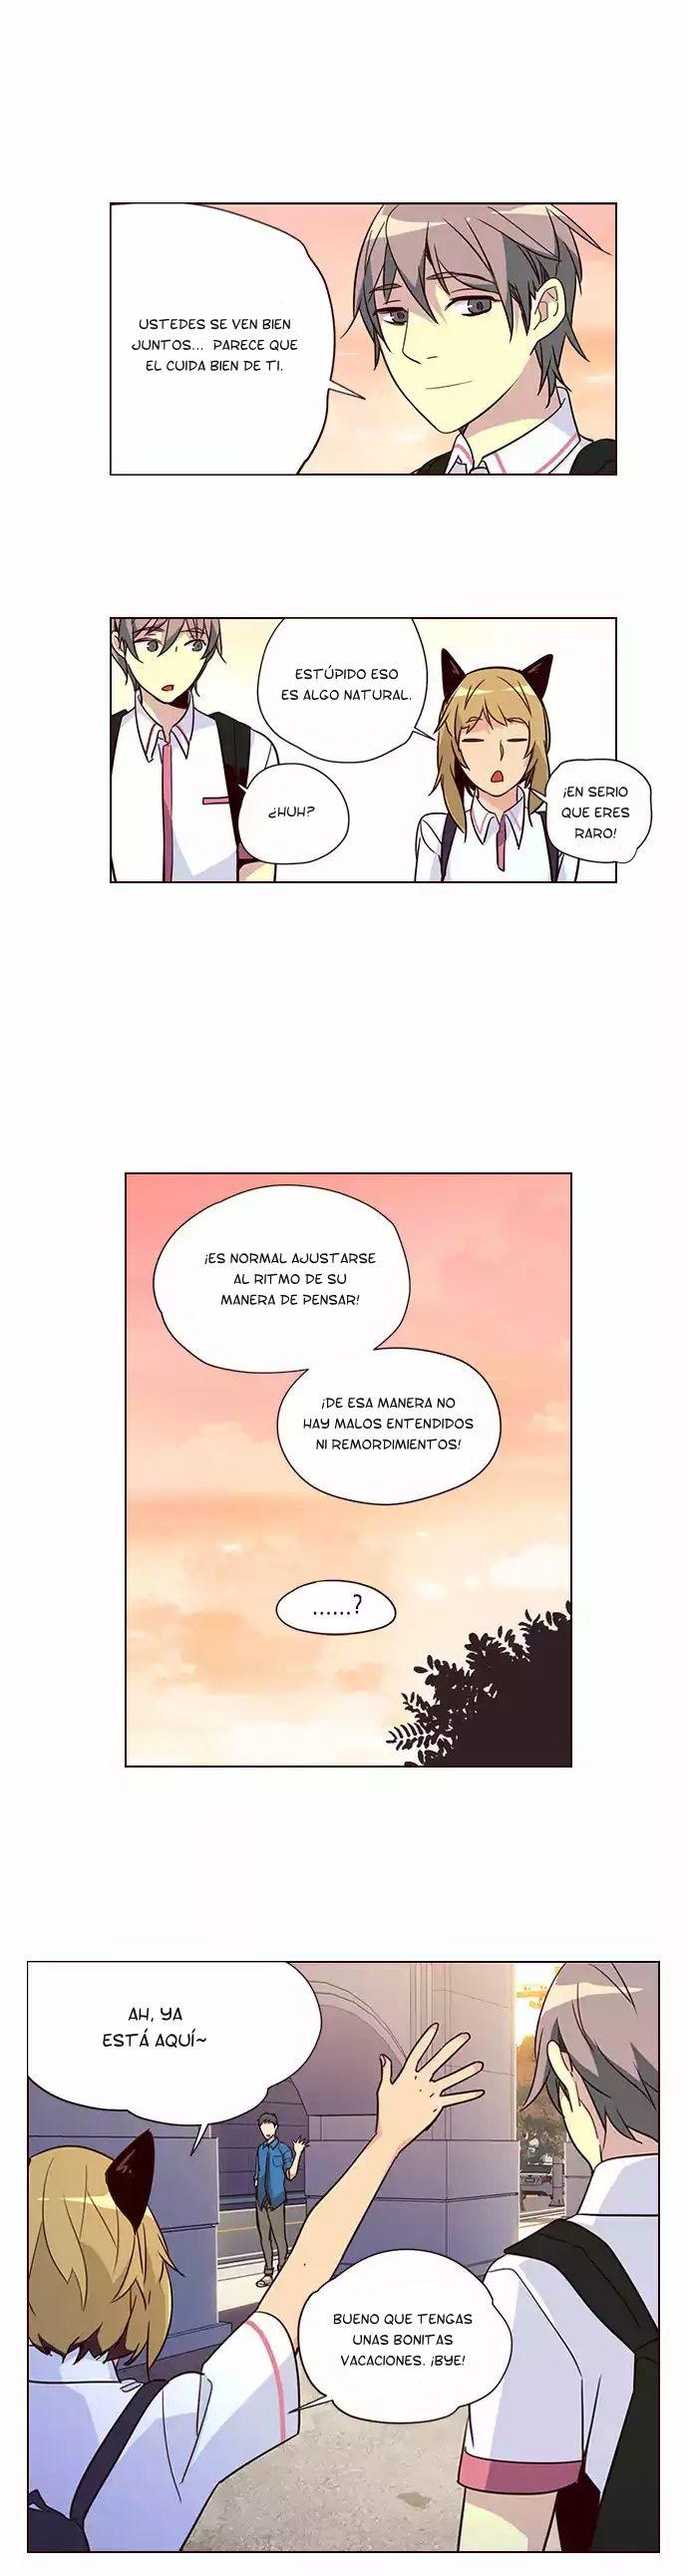 http://c5.ninemanga.com/es_manga/pic2/32/416/513500/9b9b05072dd20d1cc3e54607b84c889b.jpg Page 6